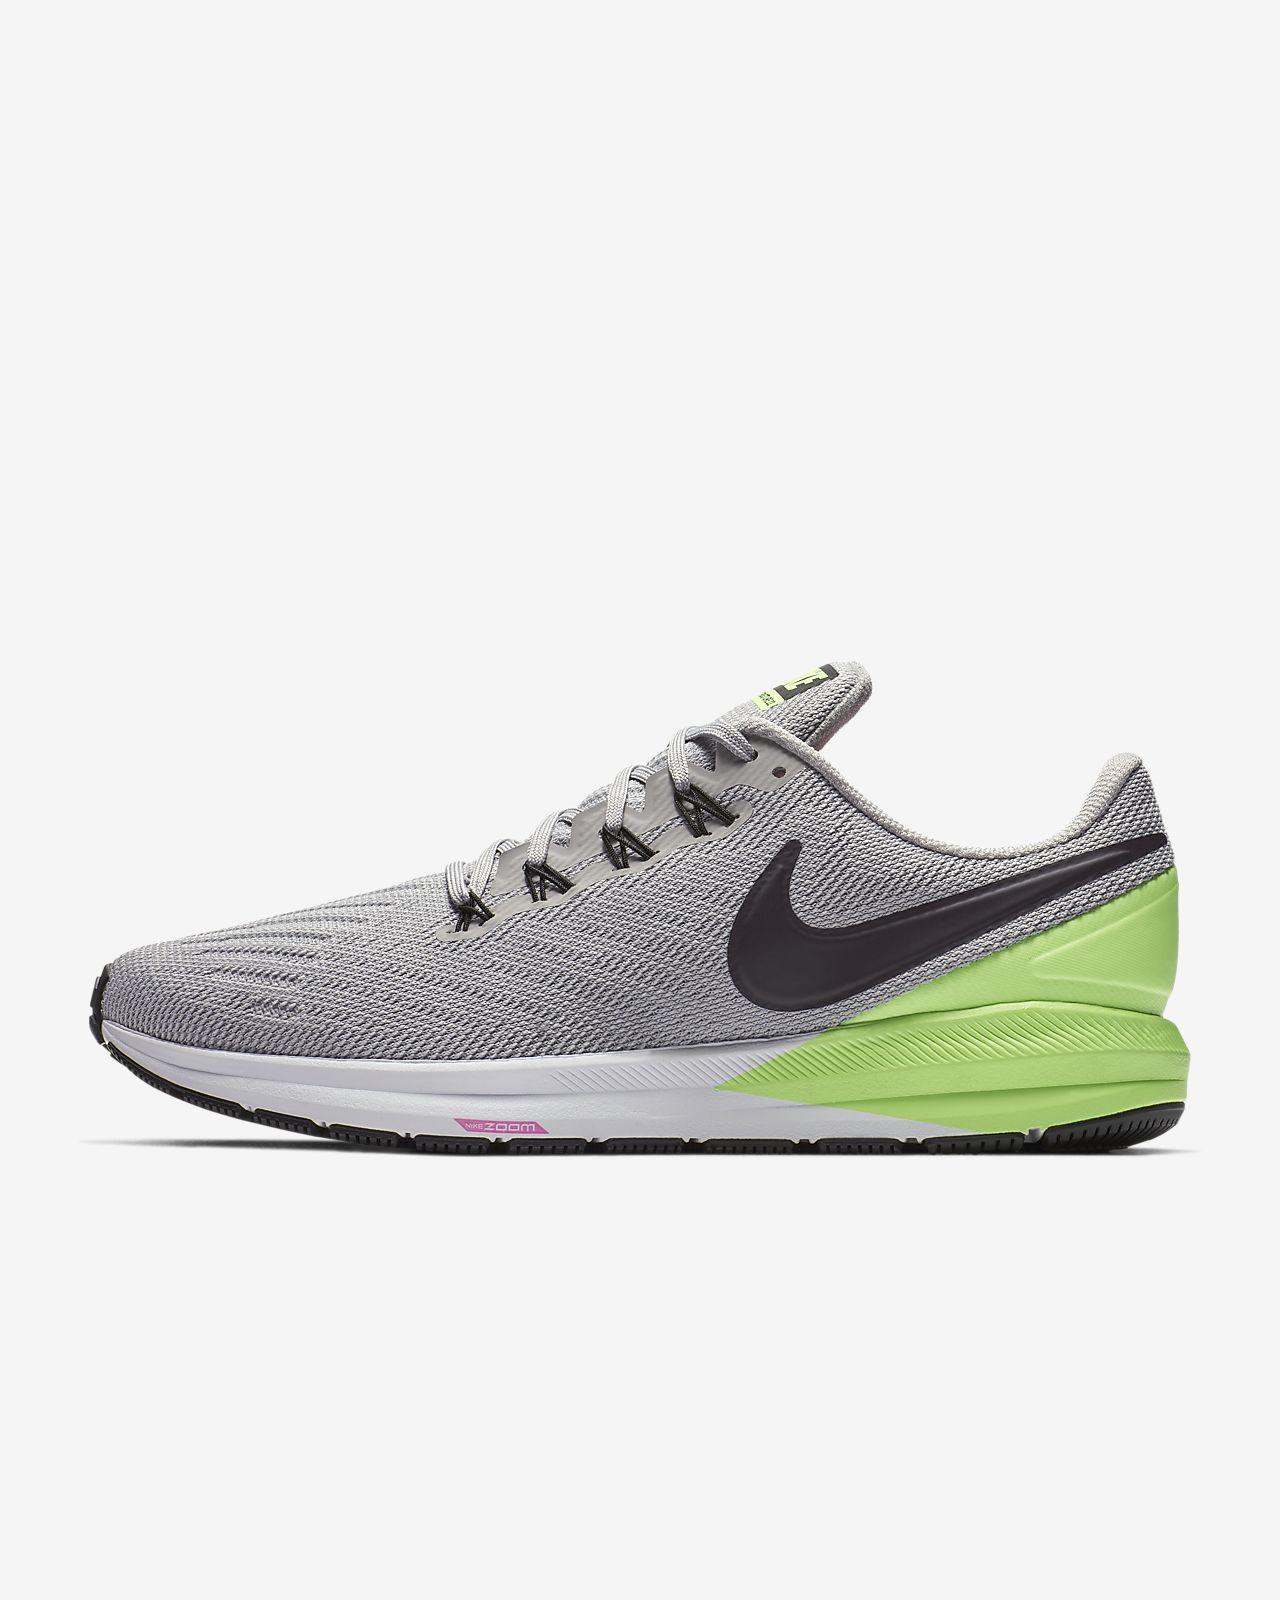 a02328bb373 Sapatilhas de running Nike Air Zoom Structure 22 para homem. Nike.com PT